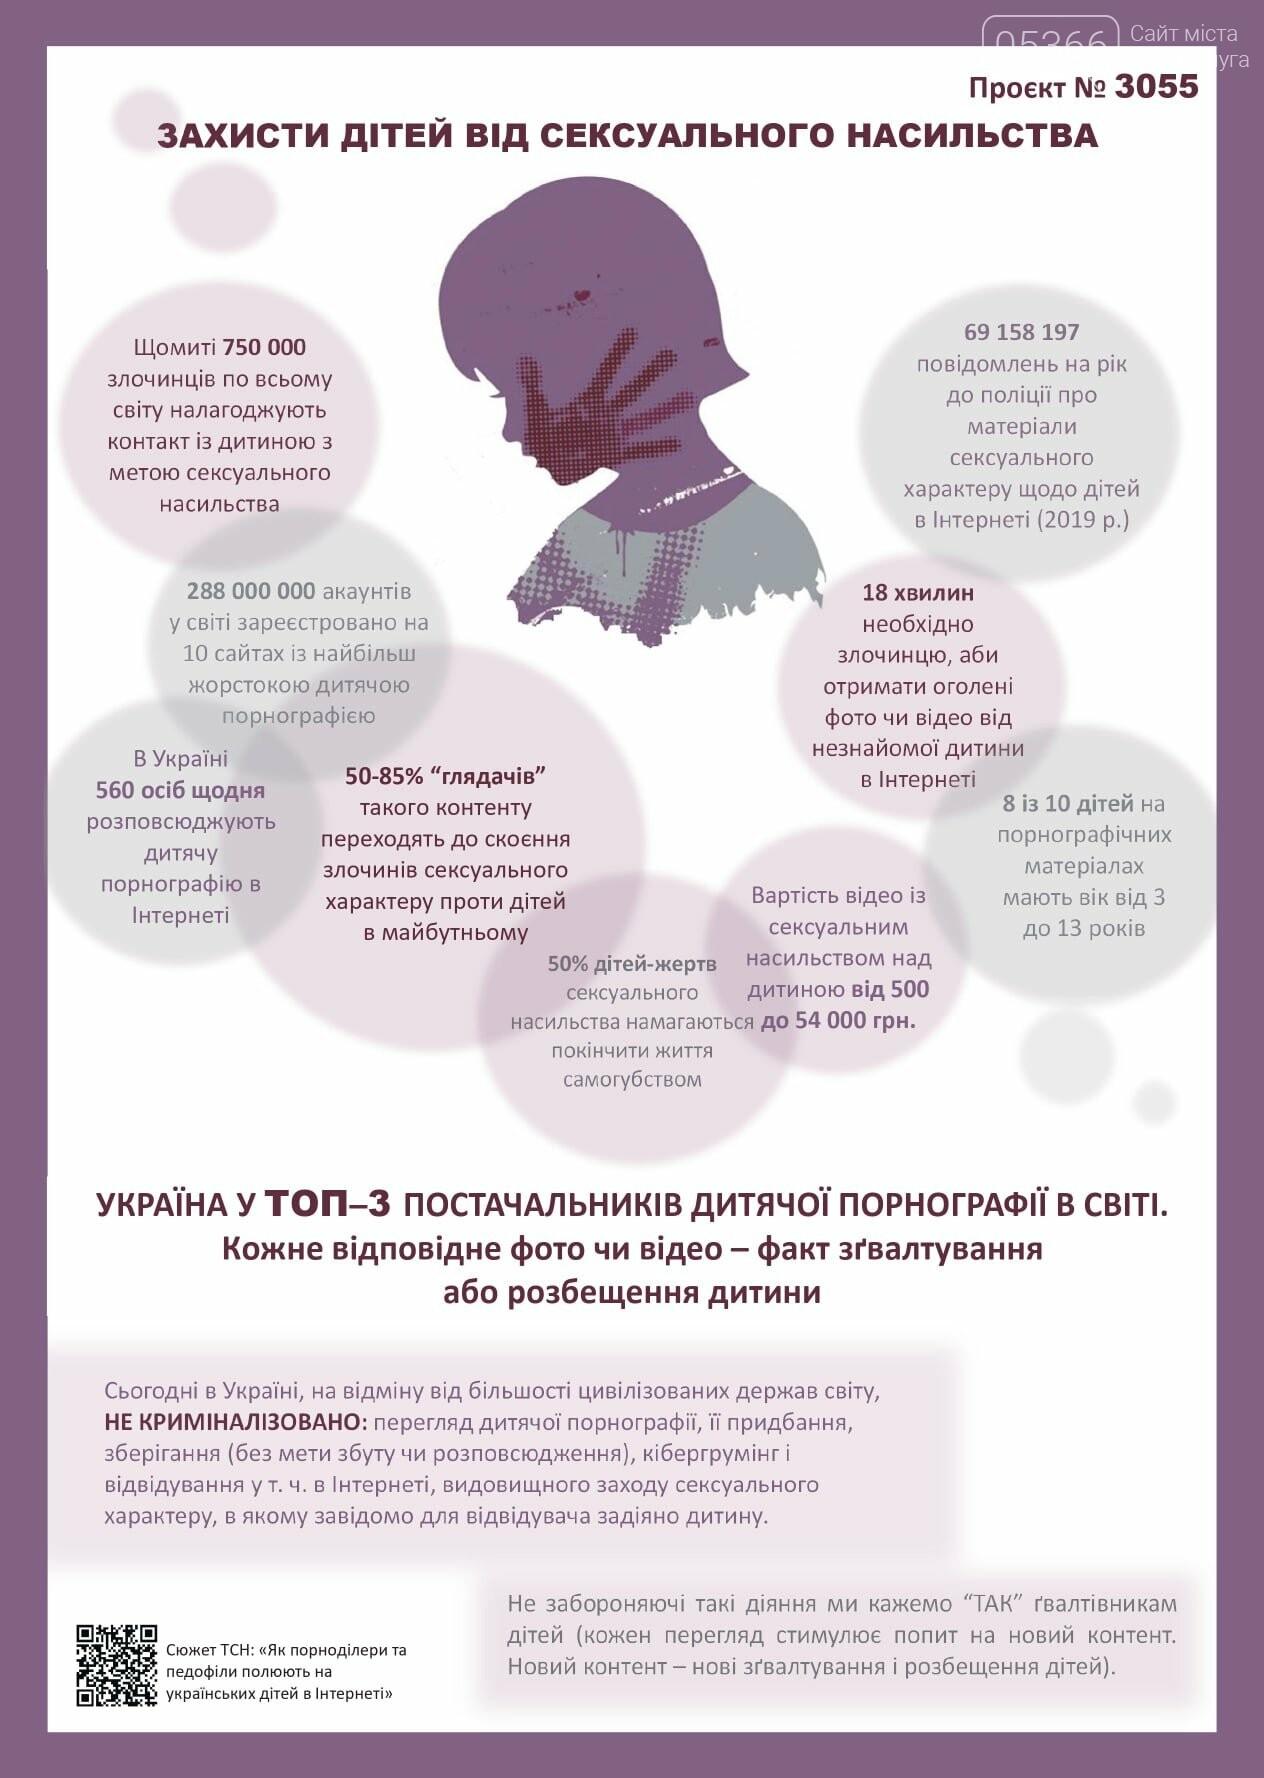 Домагання та дитяча порнографія: Рада ухвалила зміни до Кримінального кодексу, фото-2